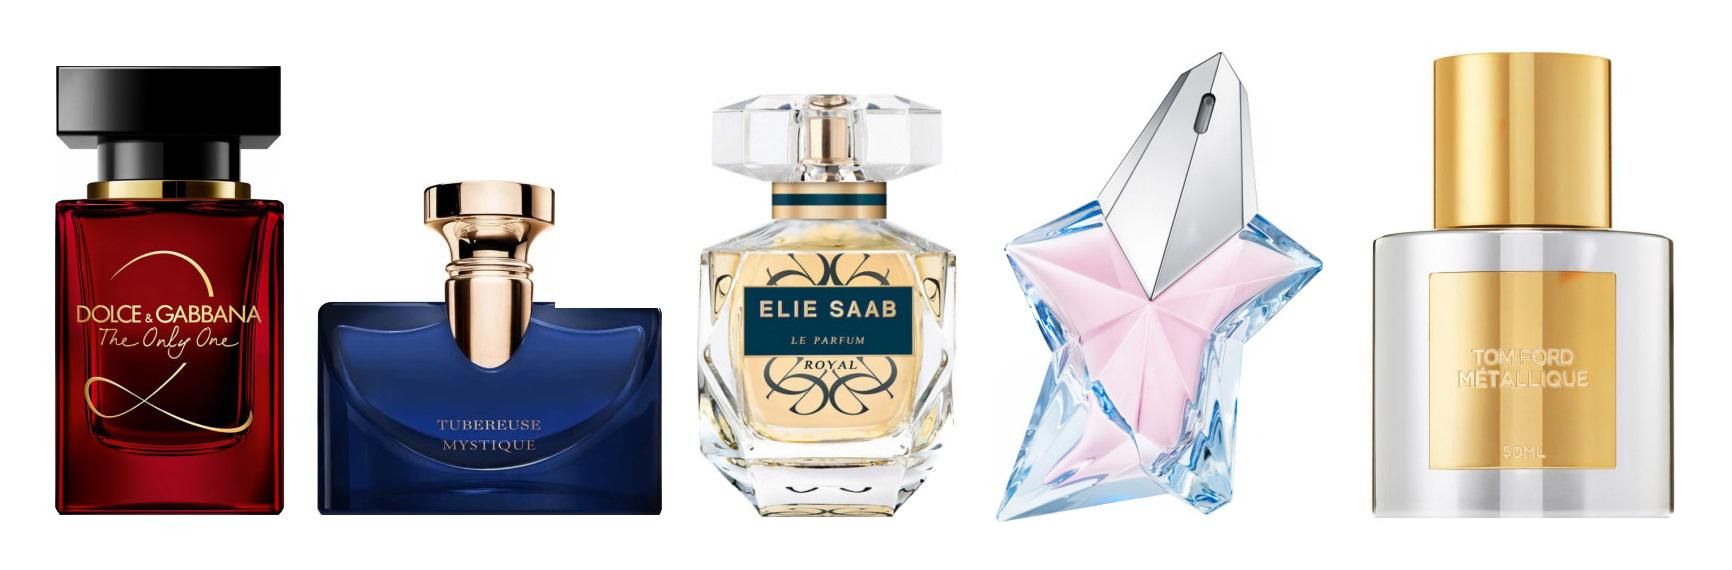 Najlepsze perfumy damskie 2019 roku